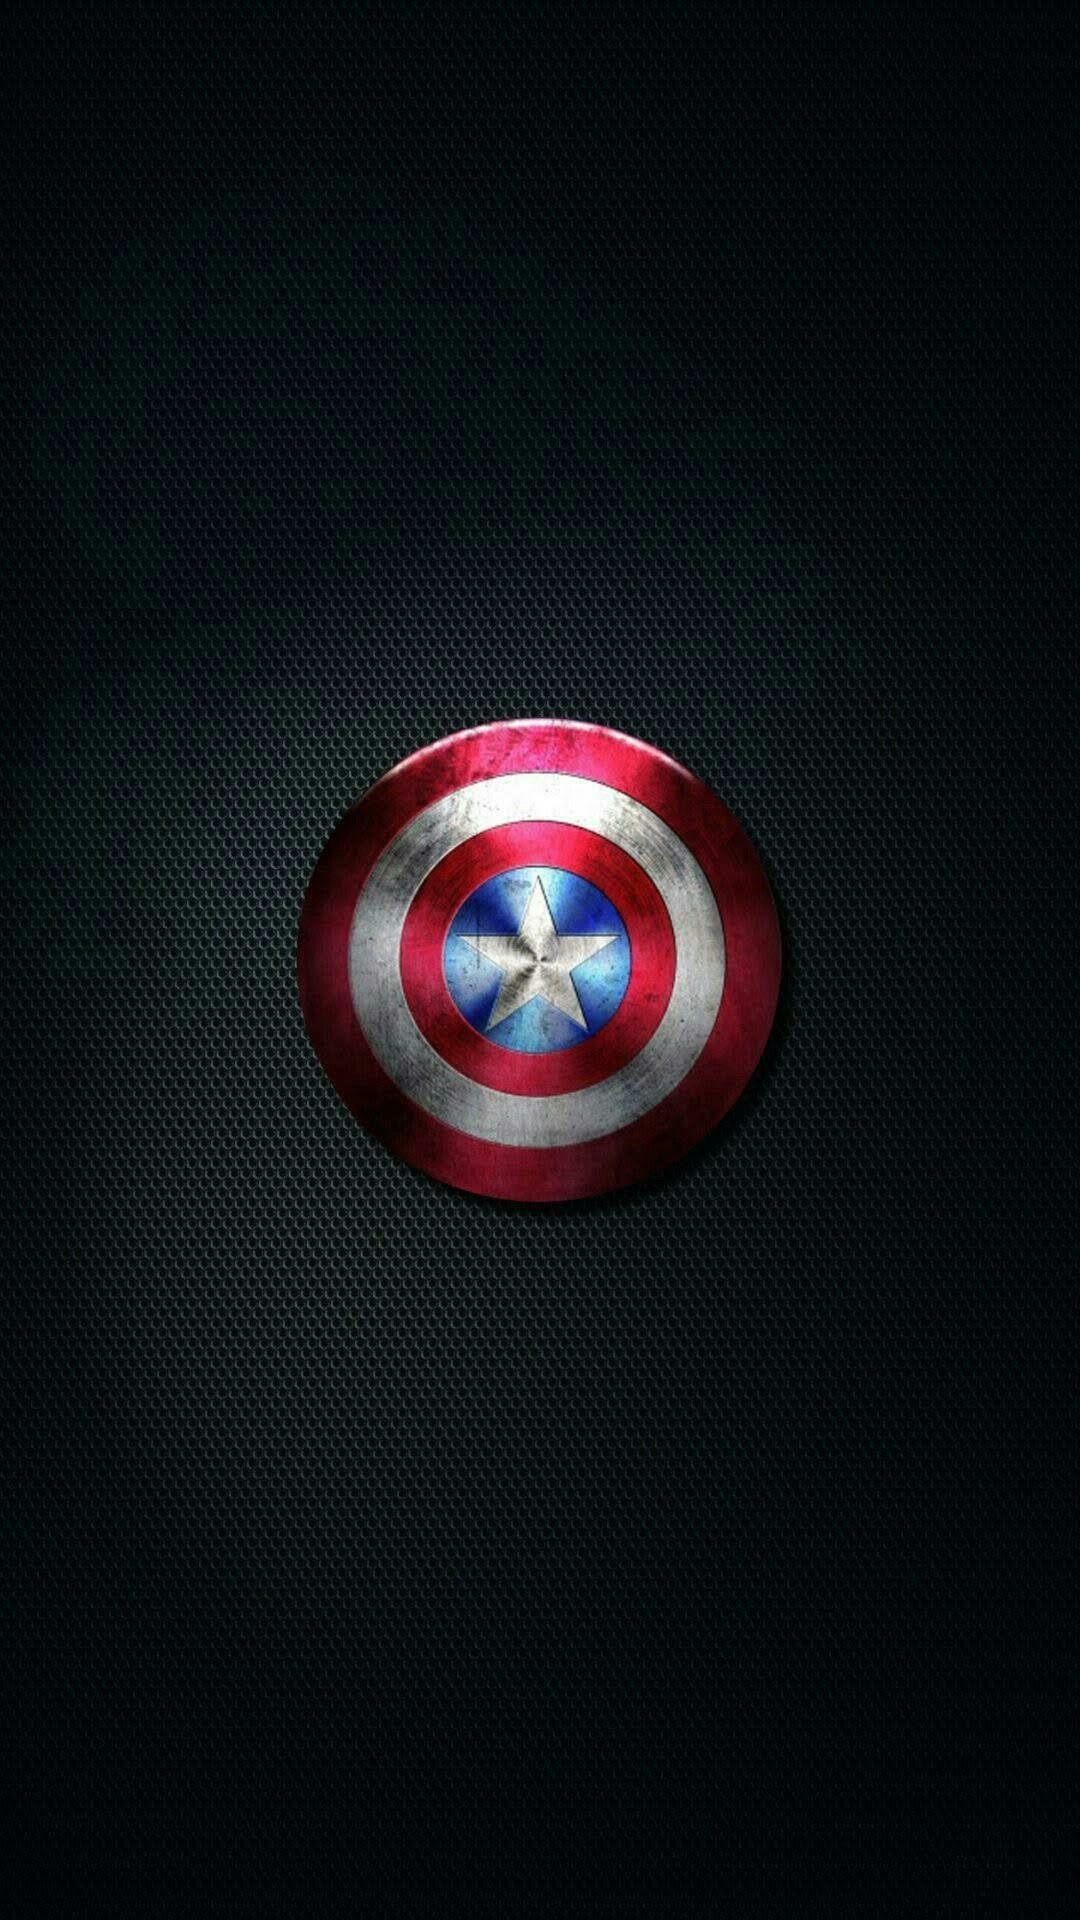 Pin De Michelle Saenz En Marvel Fondo De Pantalla De Avengers